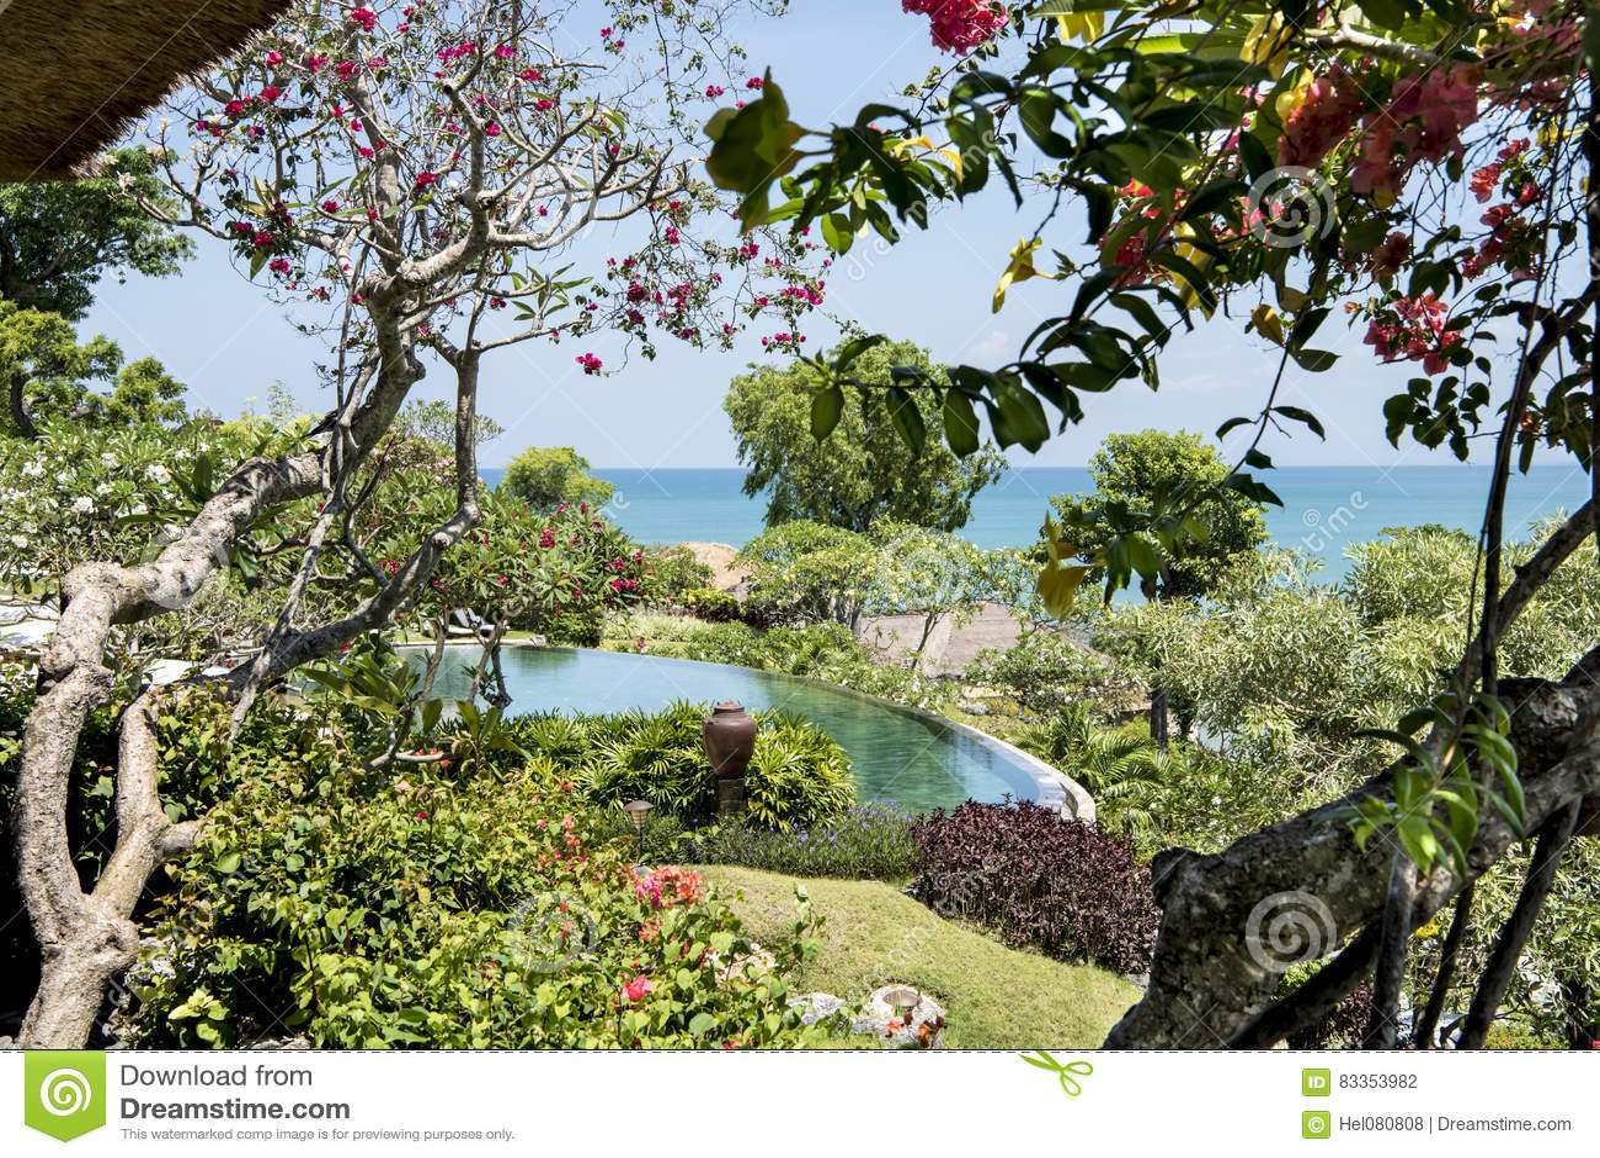 Schöner Garten Mit Pool Des Erholungsortes, Bali Stockfoto - Bild ...